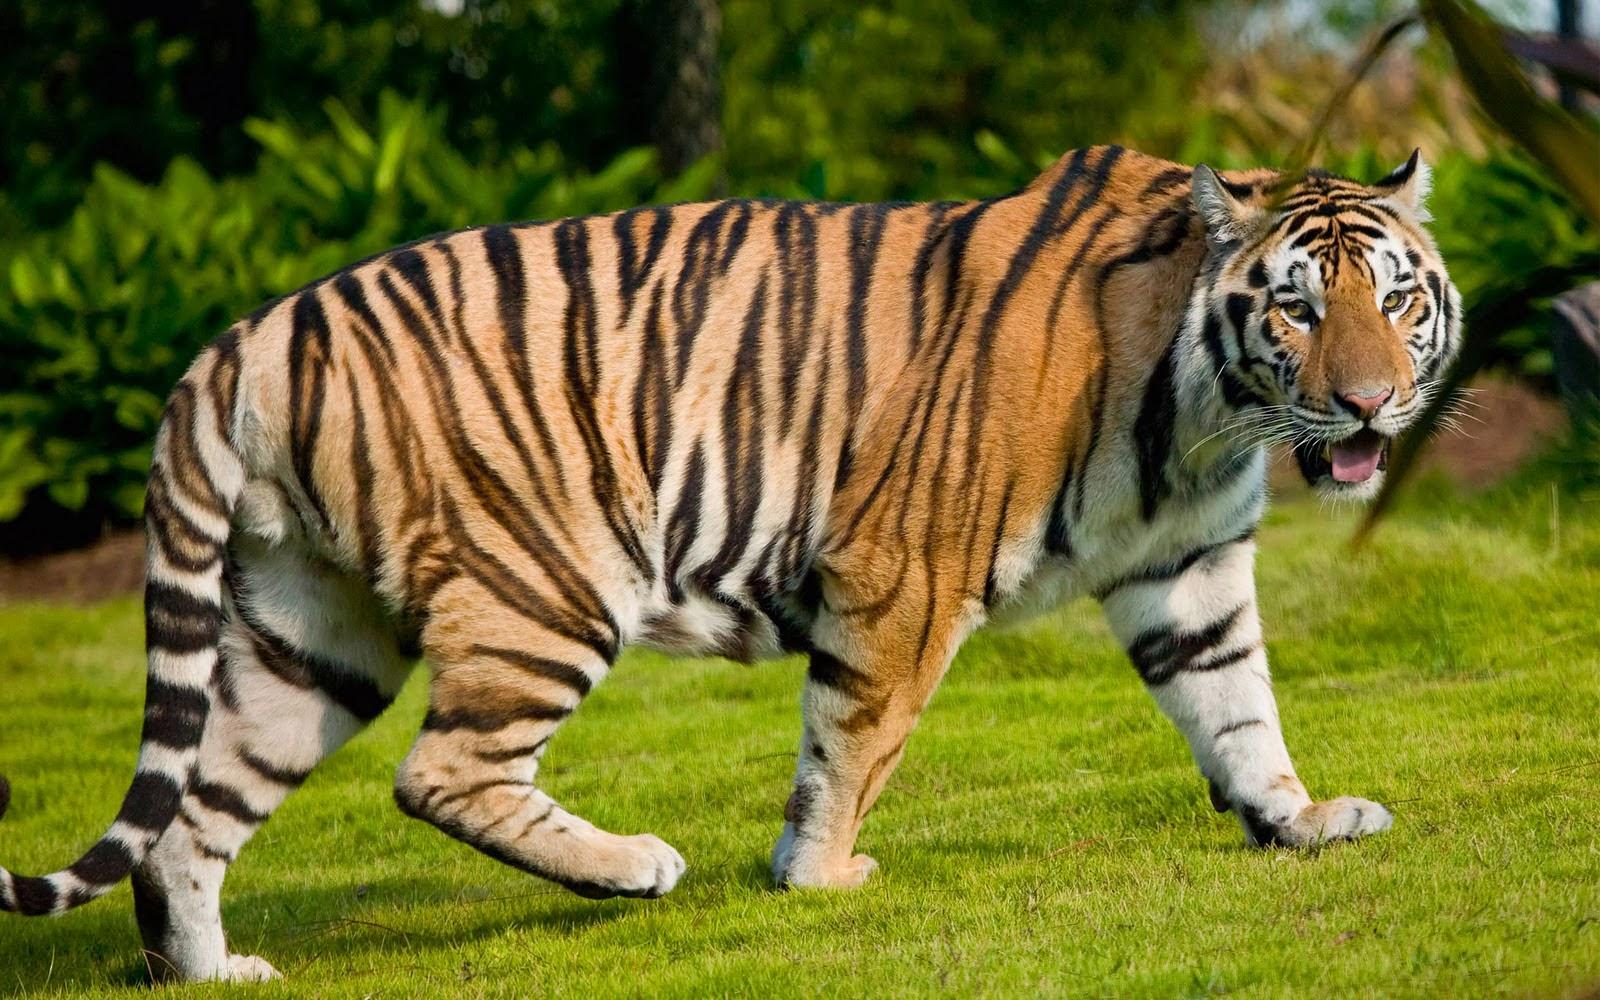 Hebat-Harimau-Berjalan-di-Rumput